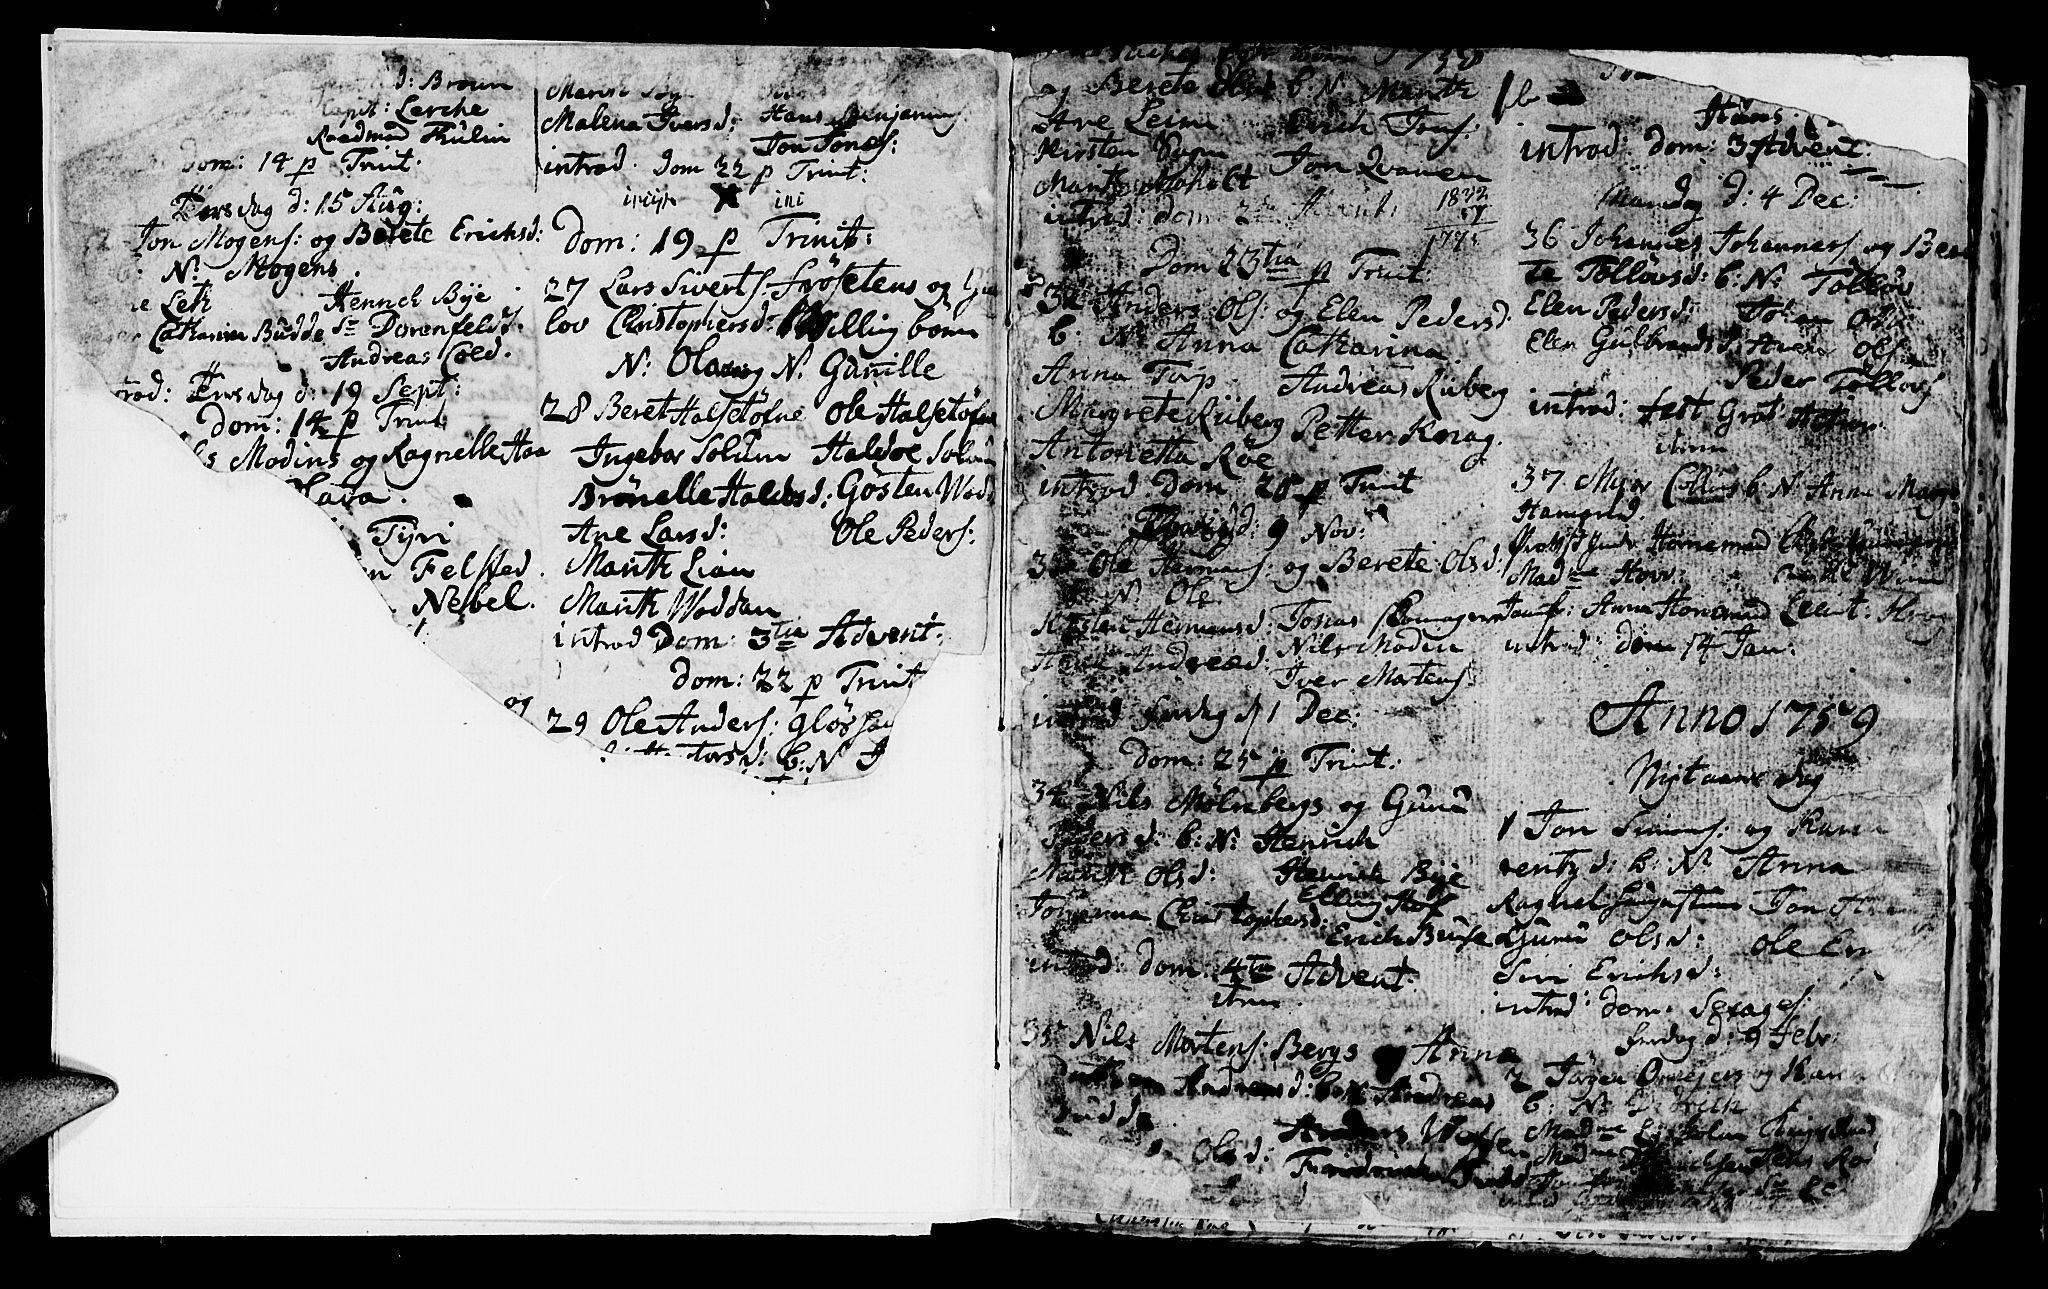 SAT, Ministerialprotokoller, klokkerbøker og fødselsregistre - Sør-Trøndelag, 604/L0218: Klokkerbok nr. 604C01, 1754-1819, s. 1b